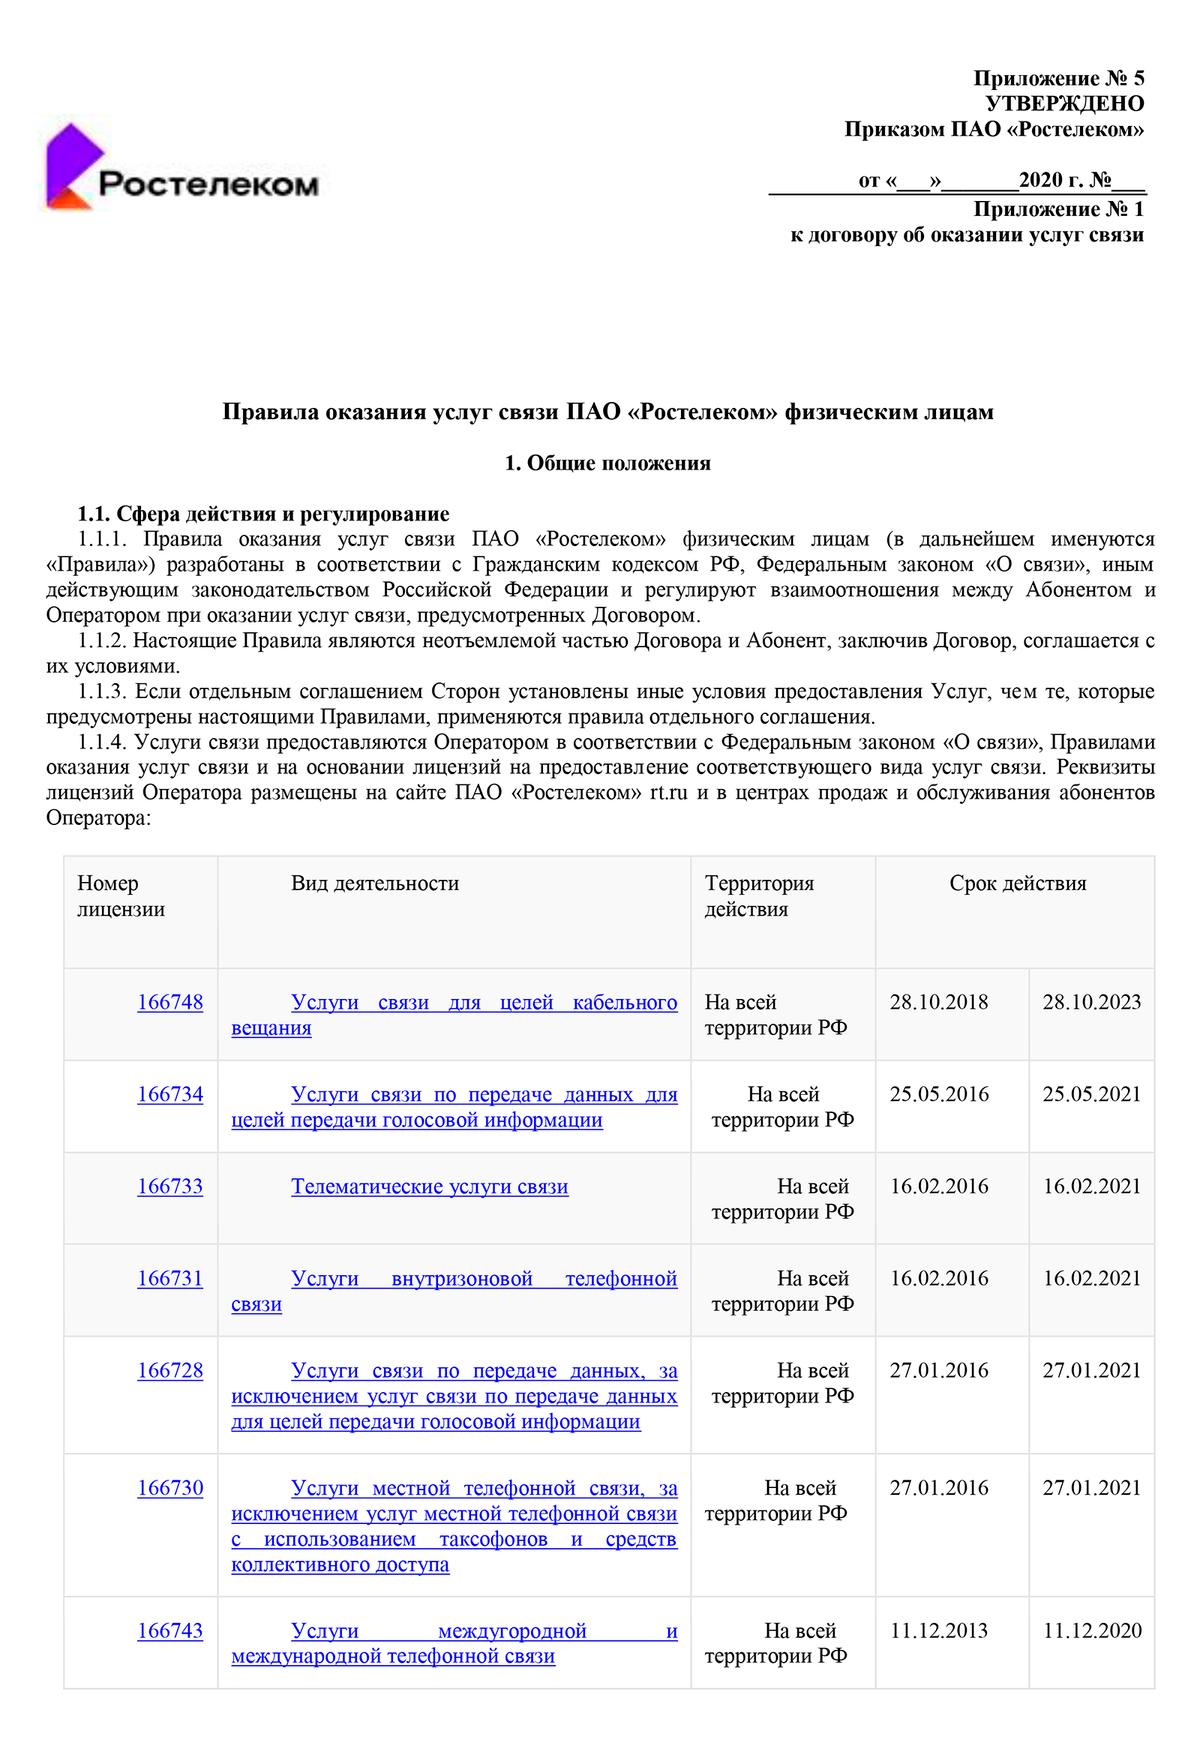 Например, так выглядят правила оказания услуг связи физическим лицам «Ростелекома»